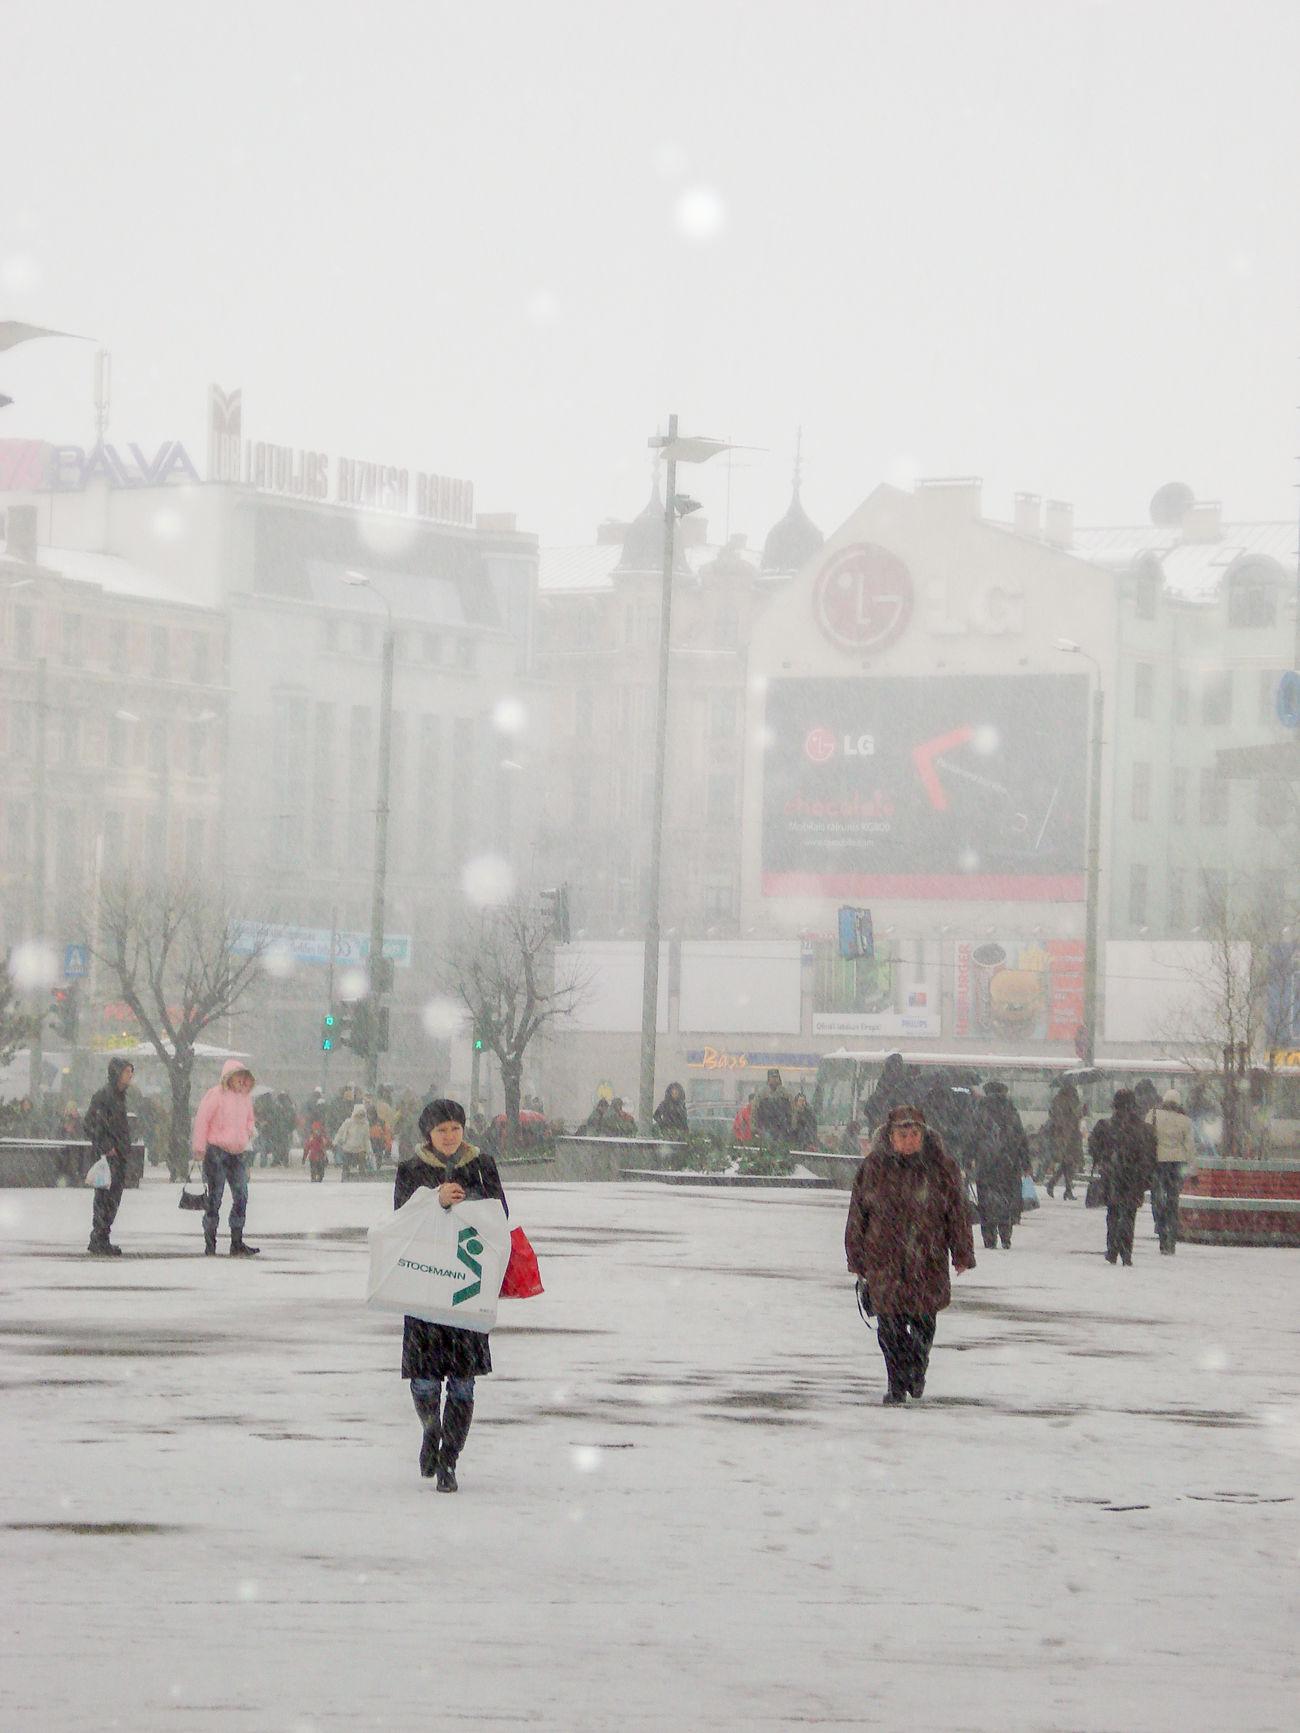 Stacijas Laukums City Life Latvia Origo Riga Snow Snowing Square Street Urban Walking Weather